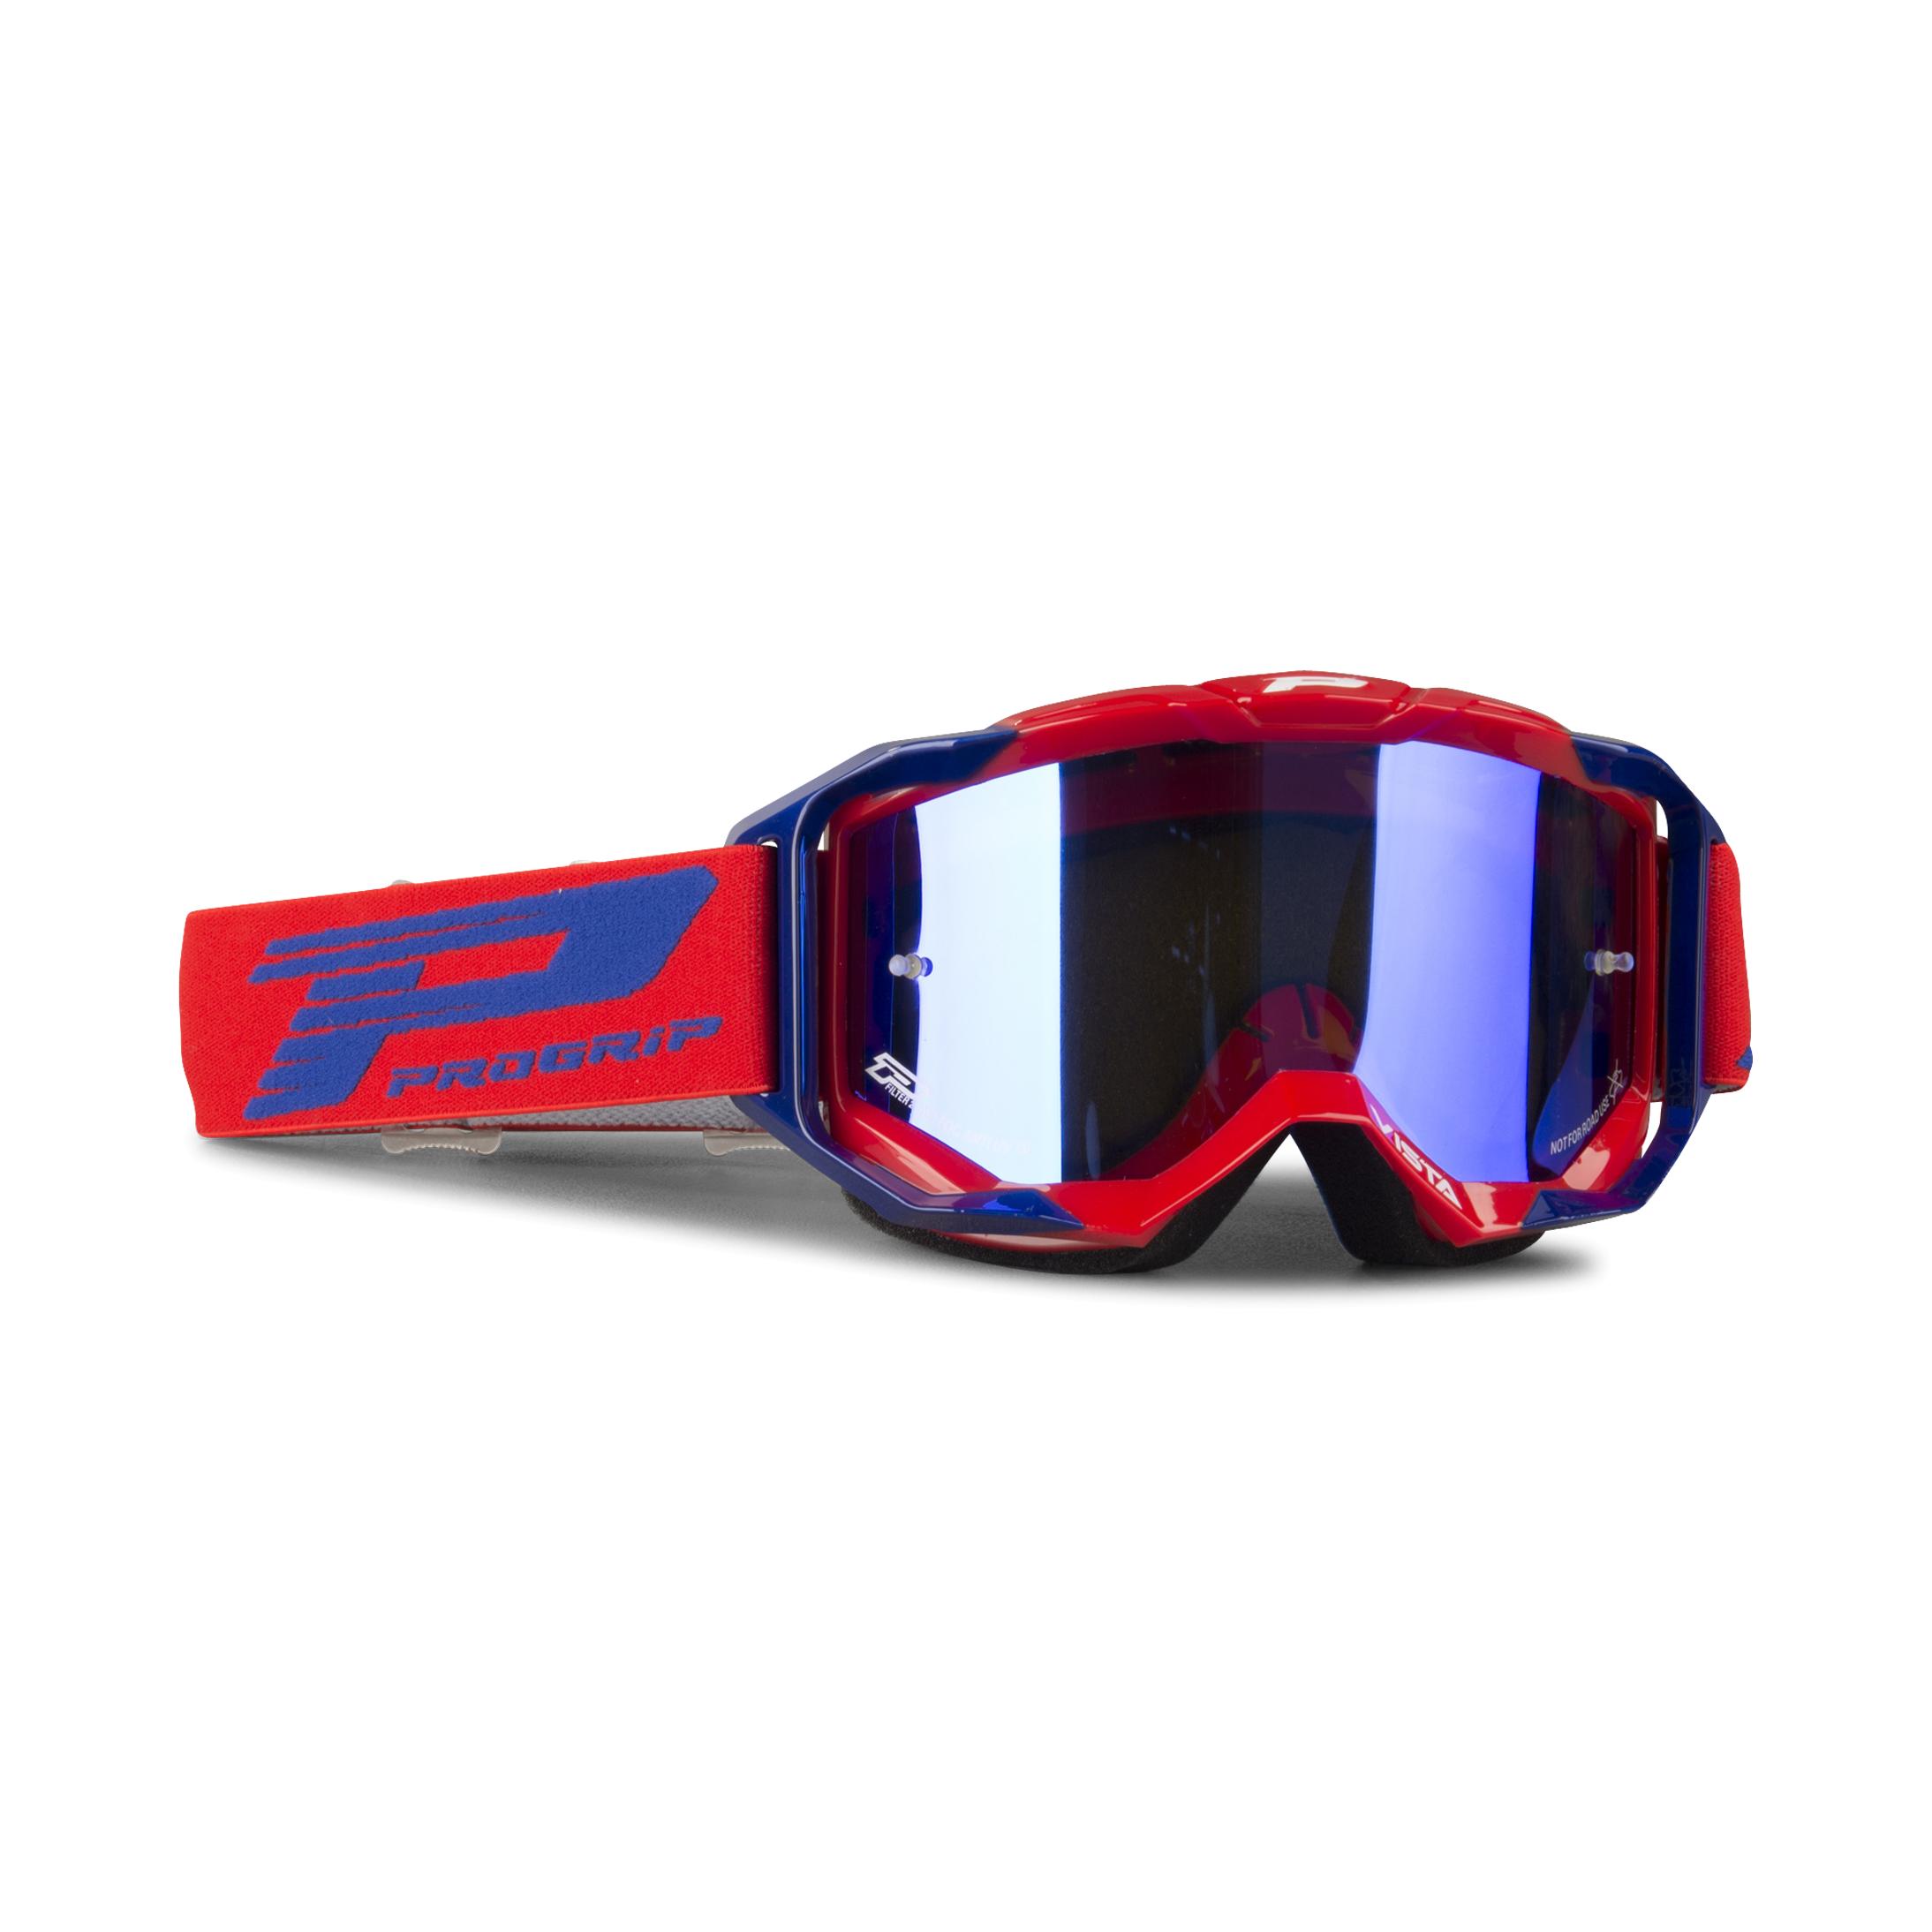 Progrip Masque cross Progrip 3303 Vista Rouge-Bleu Multi-épaisseurs